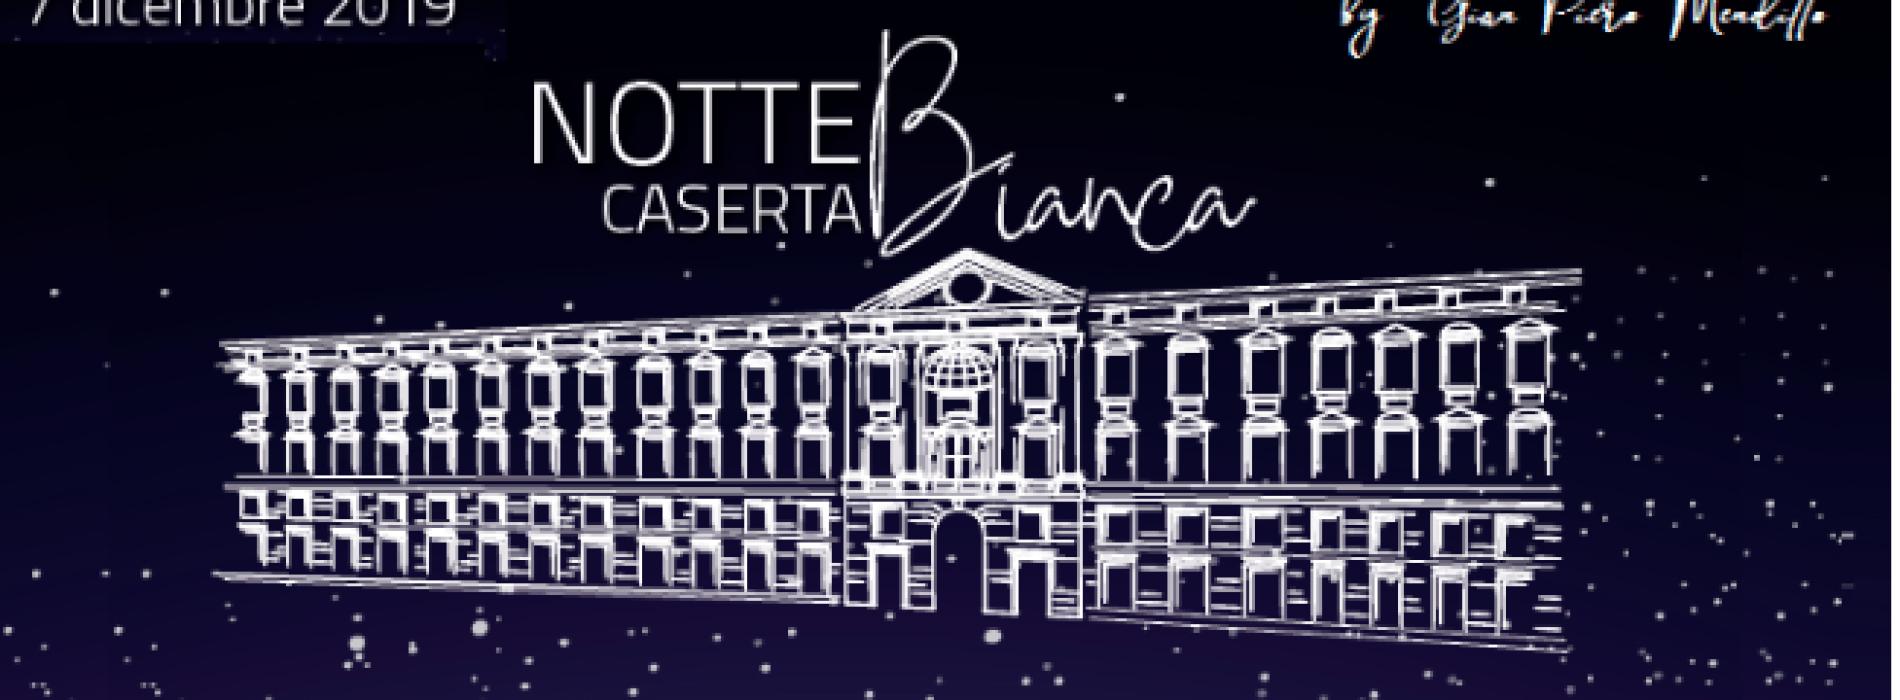 Notte Bianca a Caserta, ecco quello che accadrà il 7 dicembre